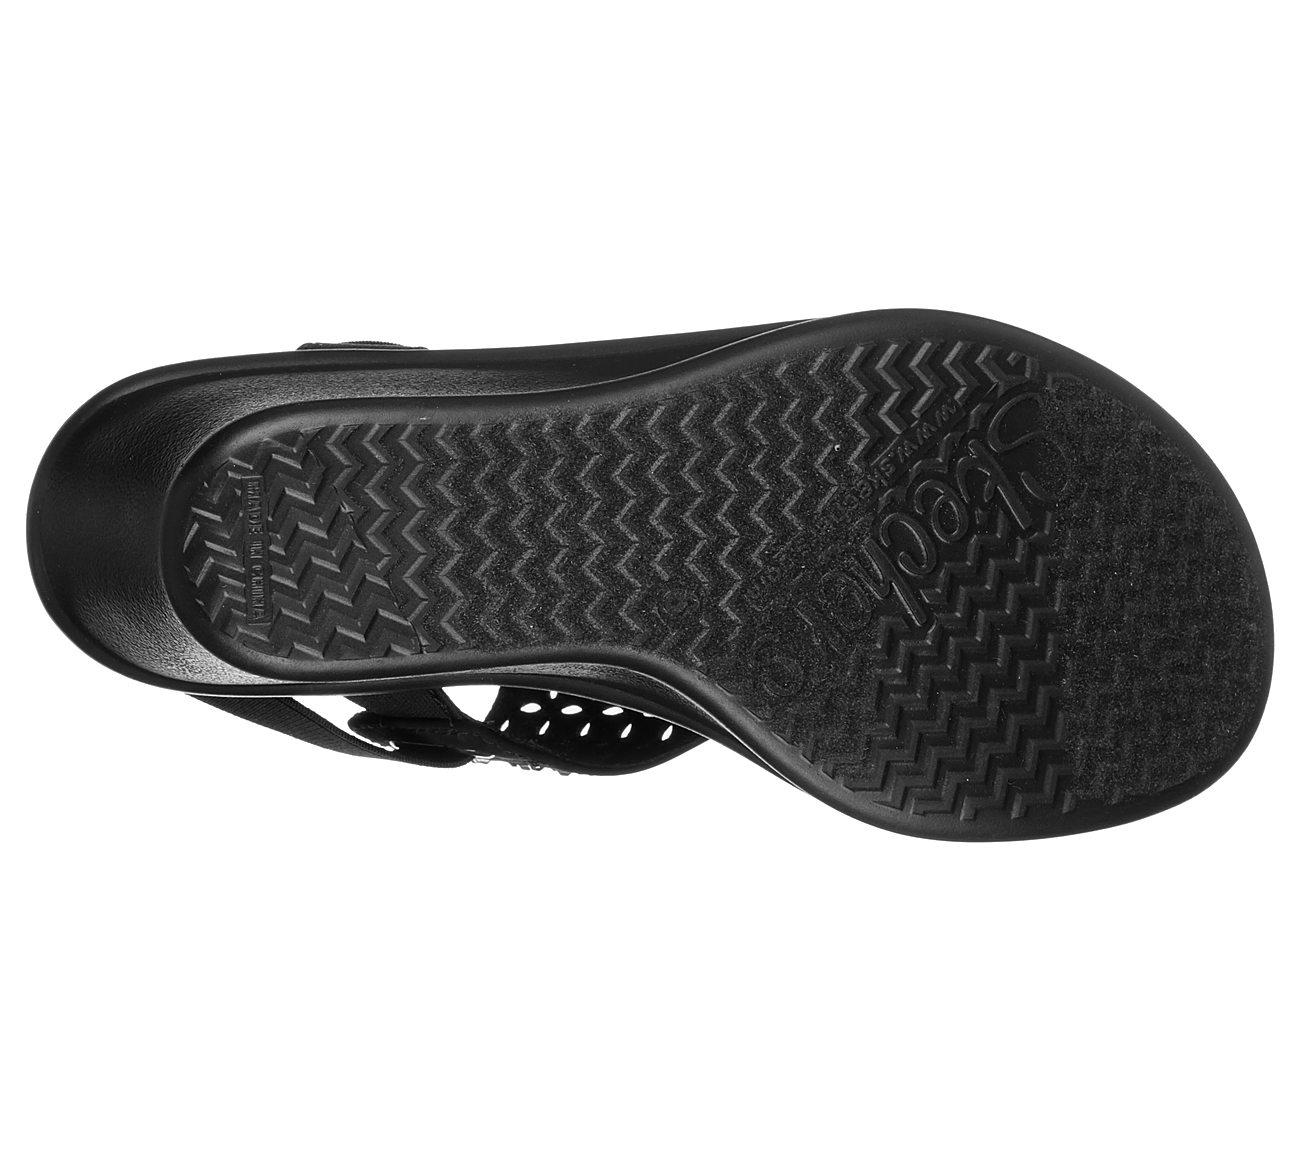 8809d1c53745 Buy SKECHERS Rumblers - Dancing Queen Cali Shoes only  42.00